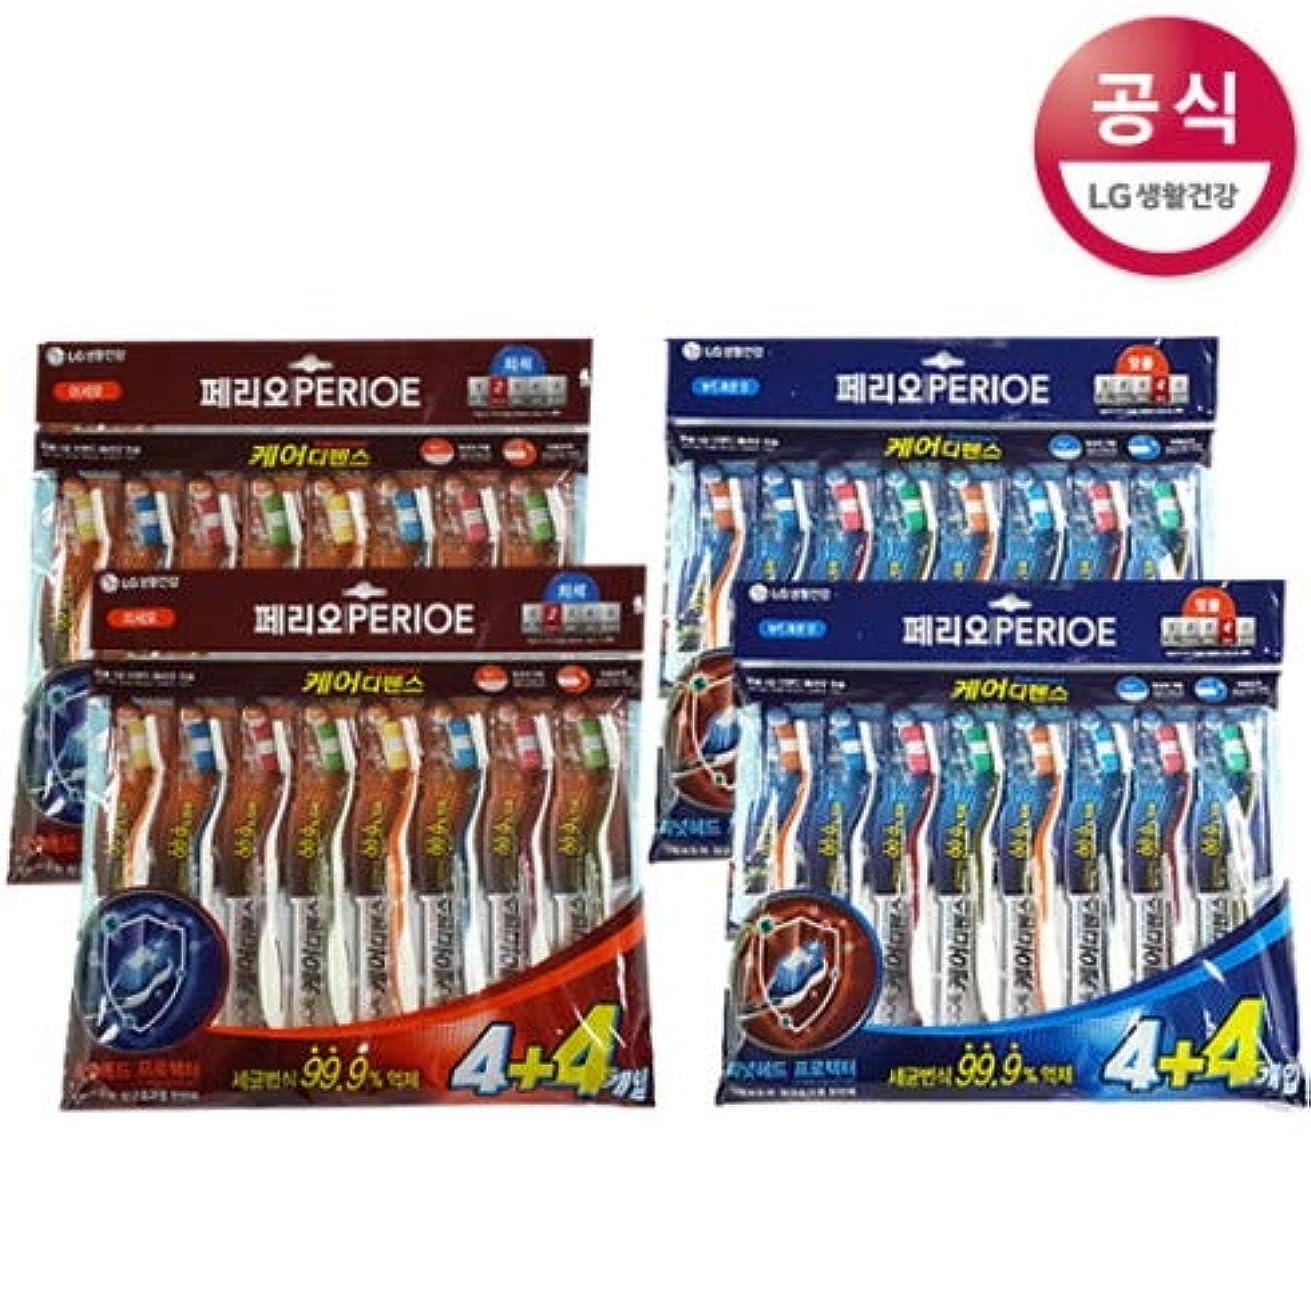 公園閃光影響を受けやすいです[LG HnB] Perio Care Defense Toothbrush/ペリオケアディフェンス歯ブラシ 8口x4個(海外直送品)